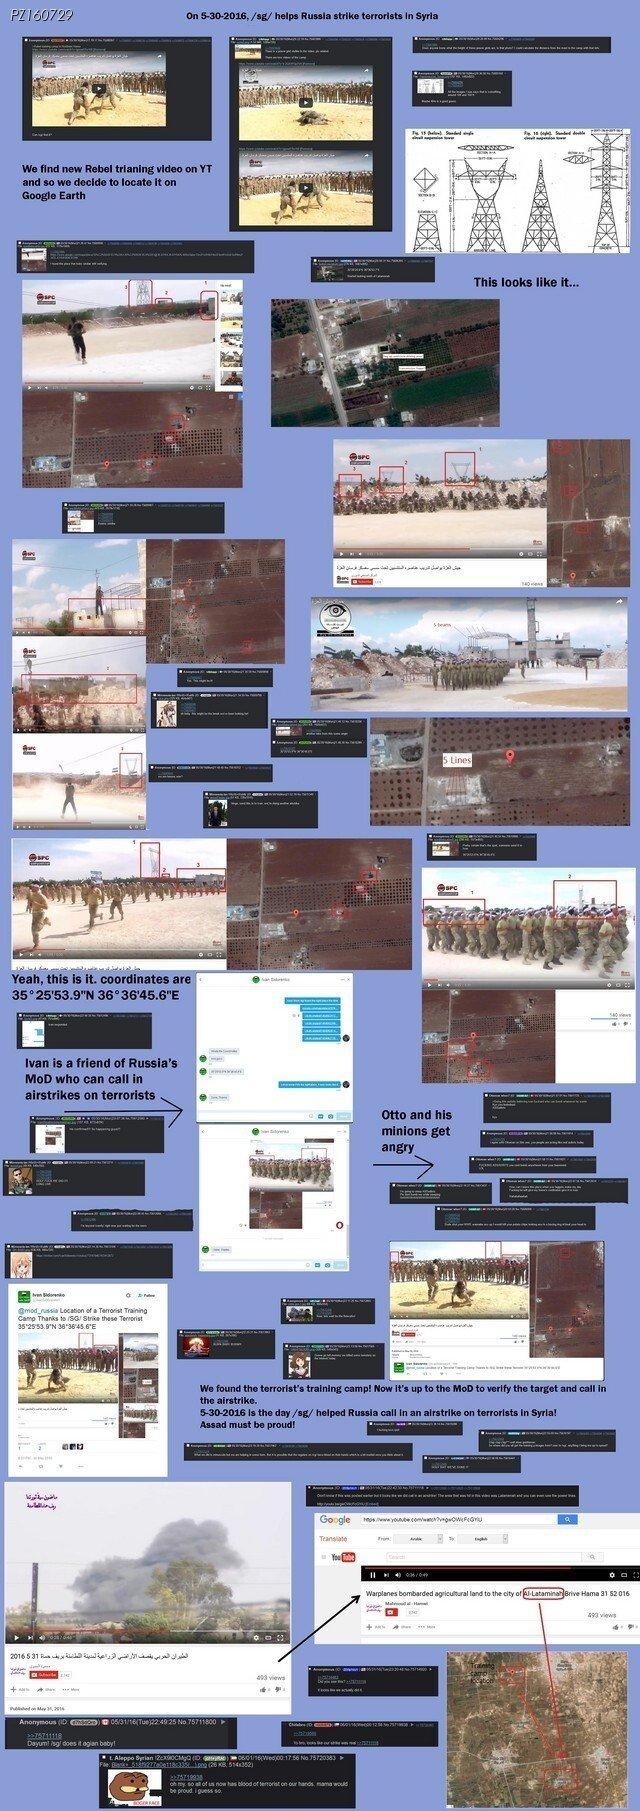 80e30b081790791a0338676ed091b2272f024cd1acd33f3e02ea5c71465bde69.jpeg 4chan의 IS 훈련소 폭격사건